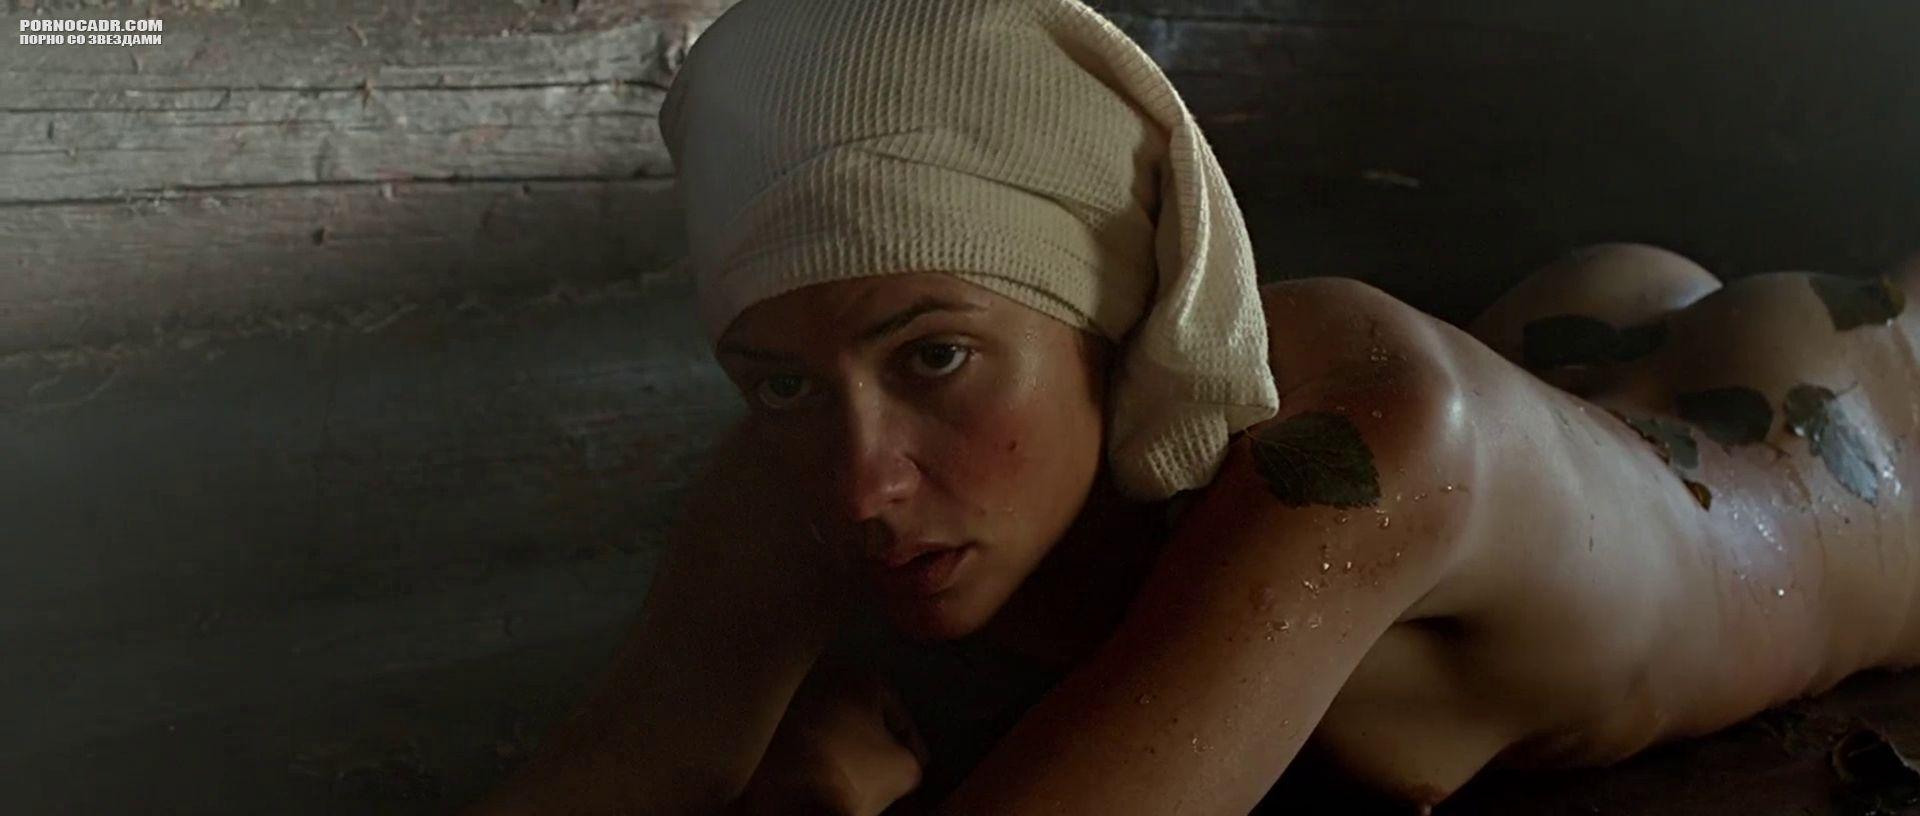 сучка эротические эпизоды российских фильмов недостатком